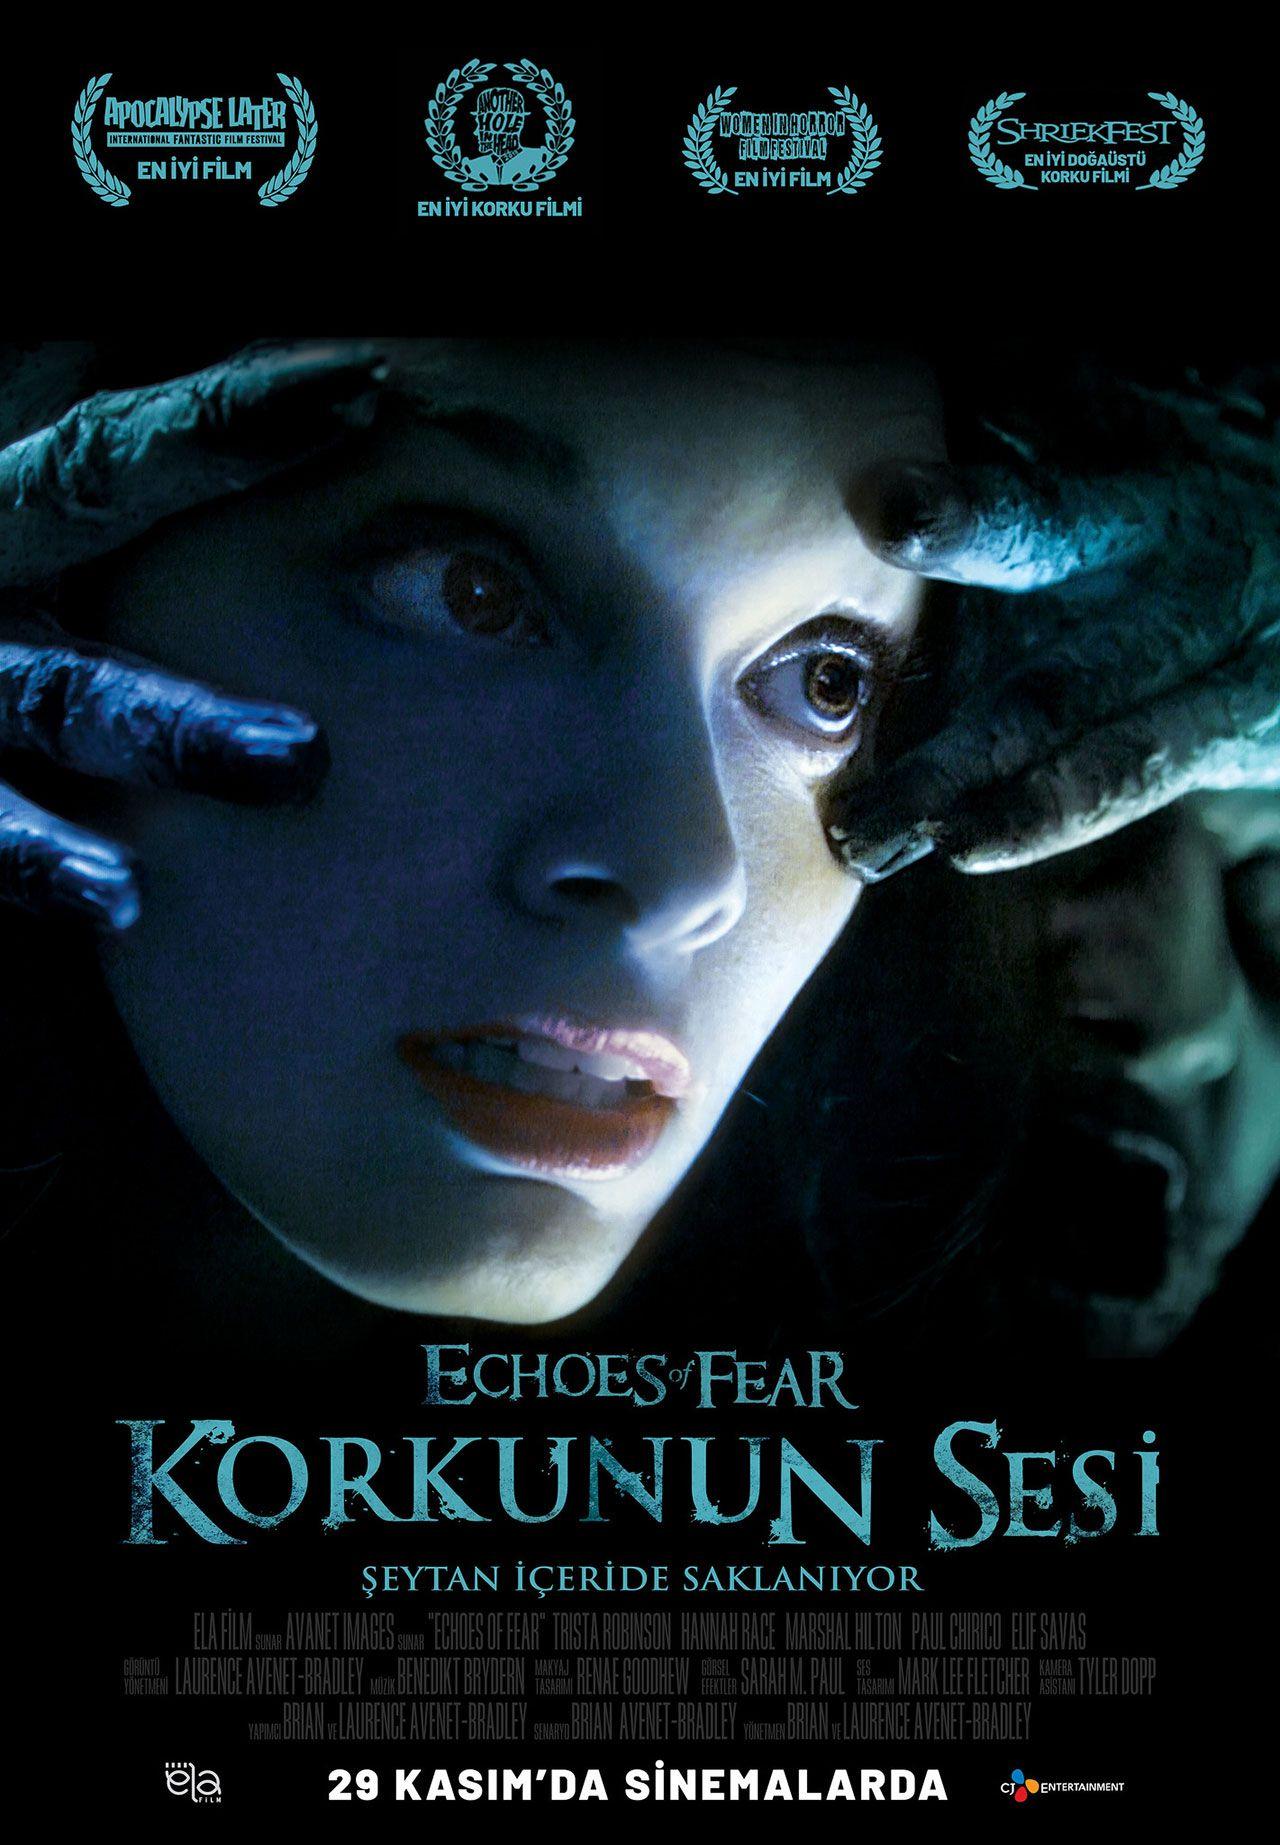 Box Office Türkiye rakamları açıklandı - Sayfa:8